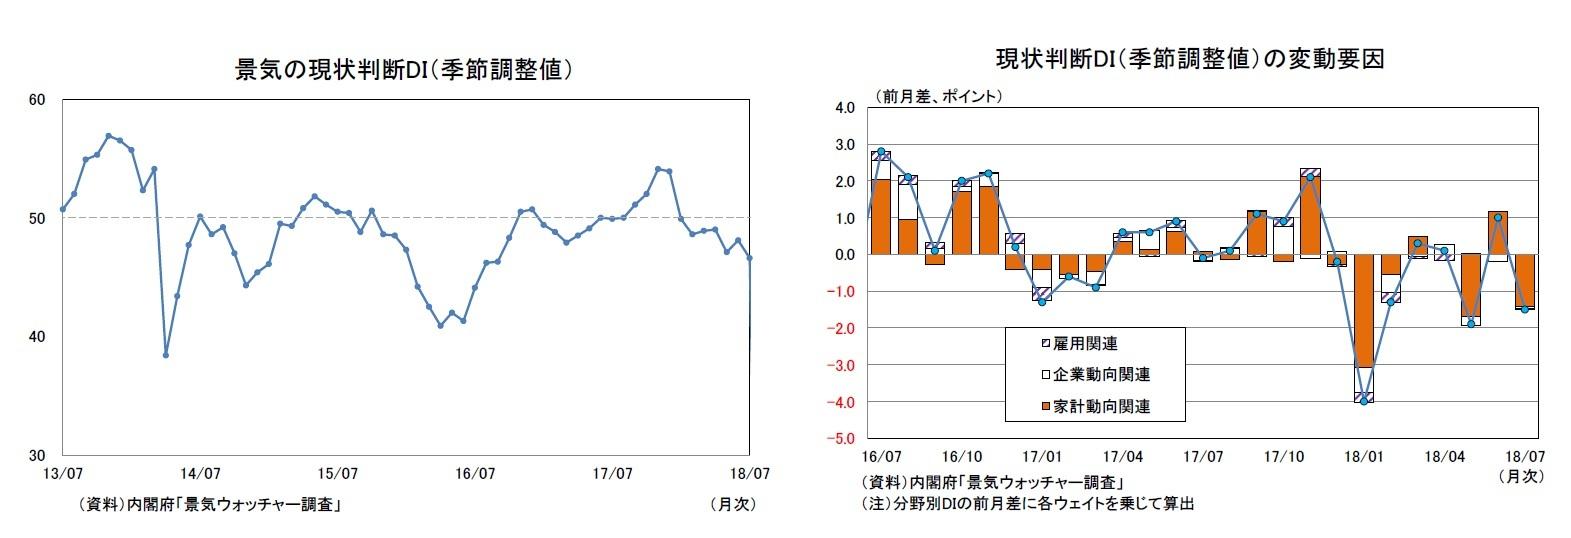 景気の現状判断DI(季節調整値)/現状判断DI(季節調整値)の変動要因